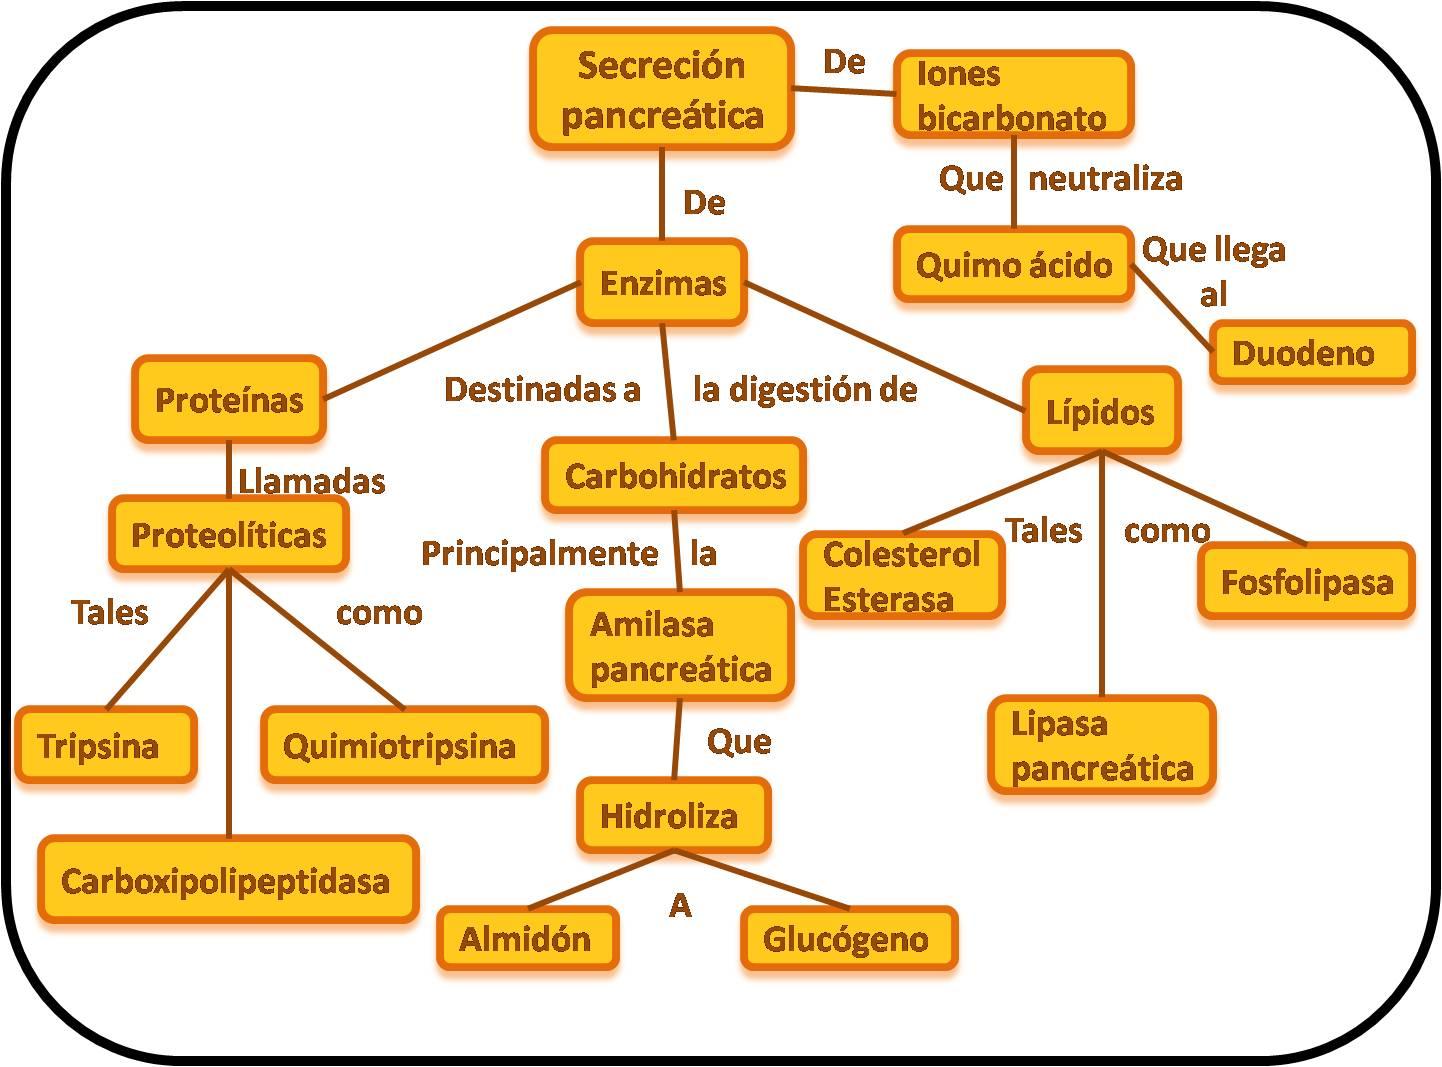 Evidencias de fisiología de Iris : Enzimas pancreaticas